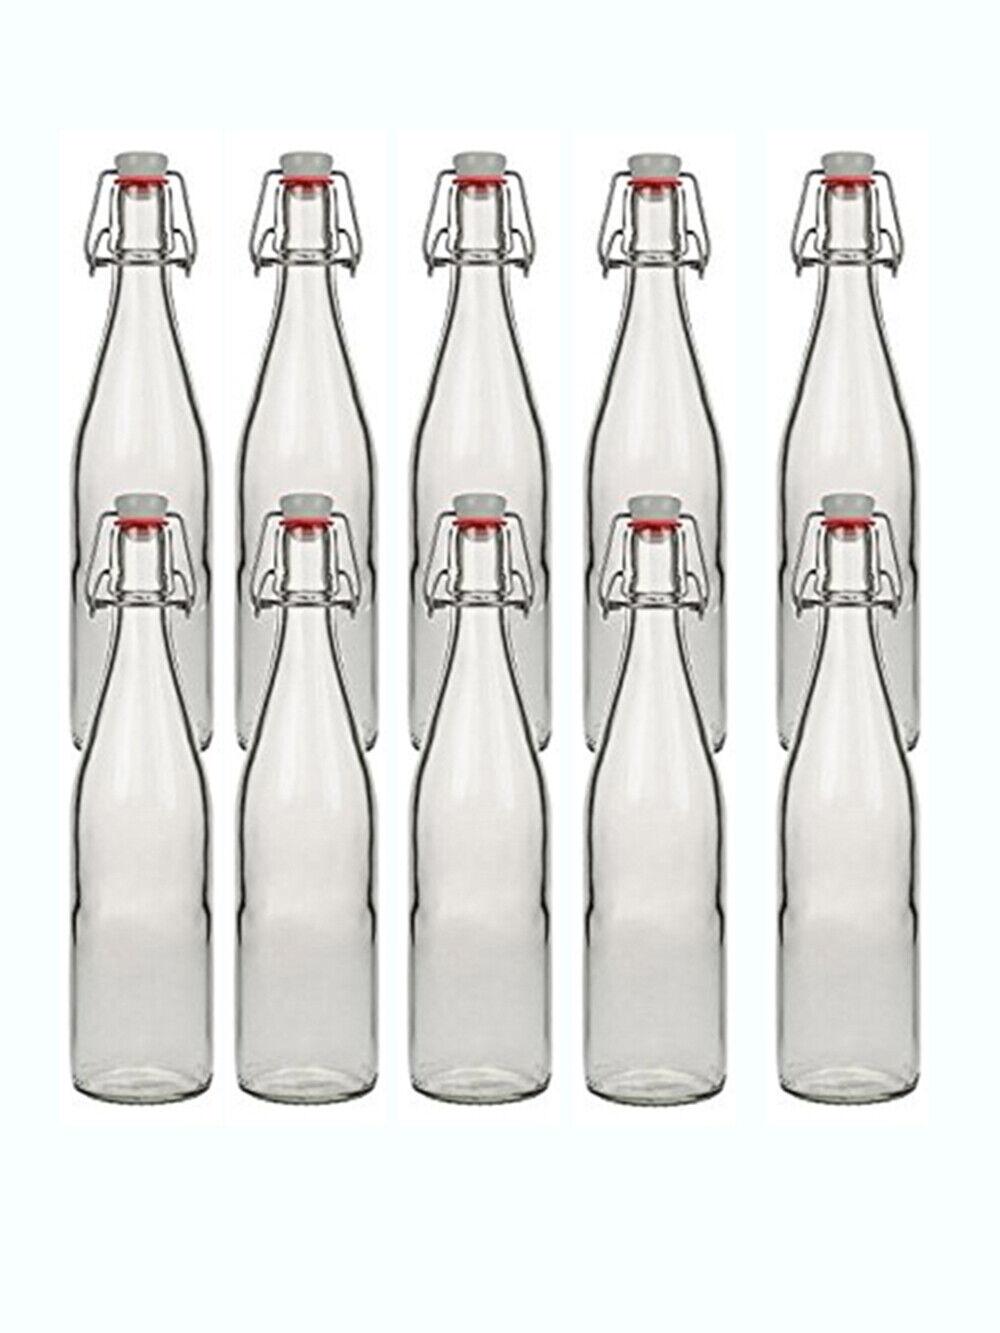 2 Leere Glasflaschen mit Bügelverschluss Bügelflasche 0,5L 500 ml Typ A Flasche